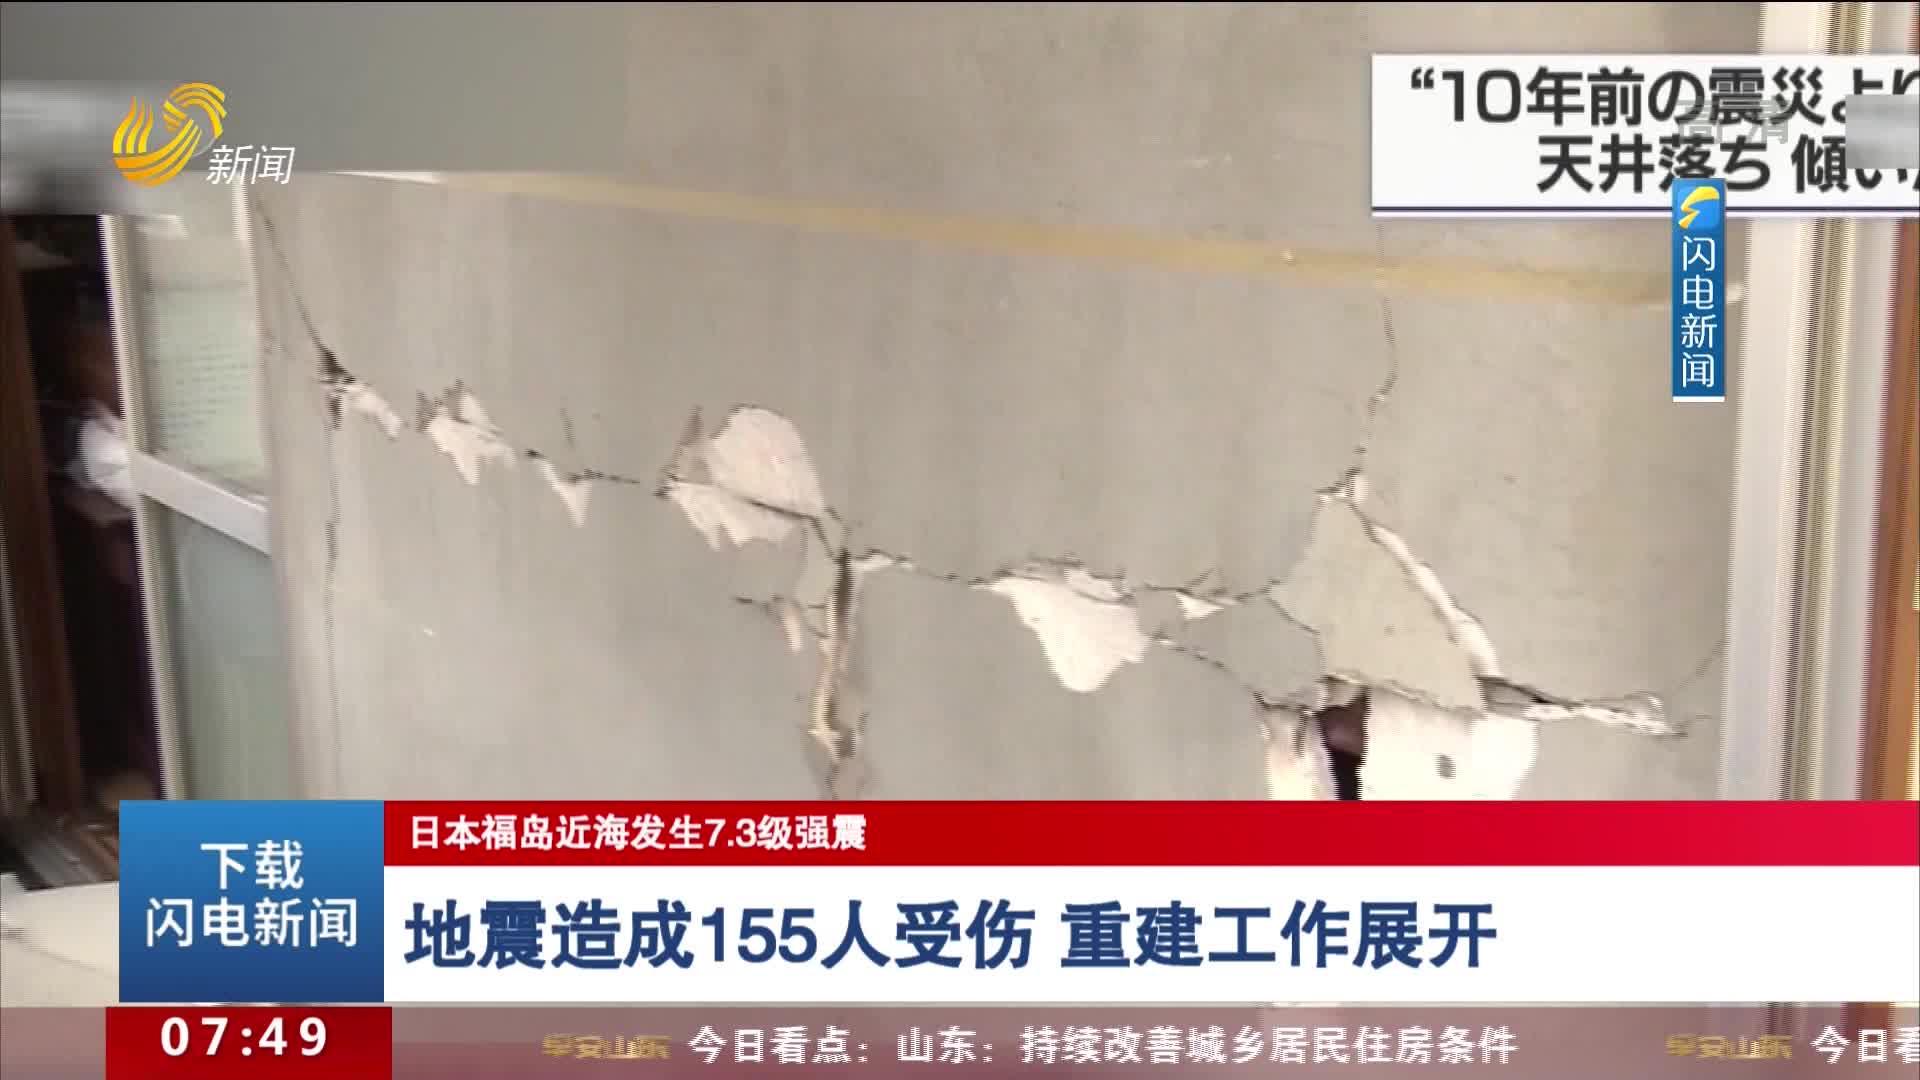 【日本福岛近海发生7.3级强震】地震造成155人受伤 重建工作展开